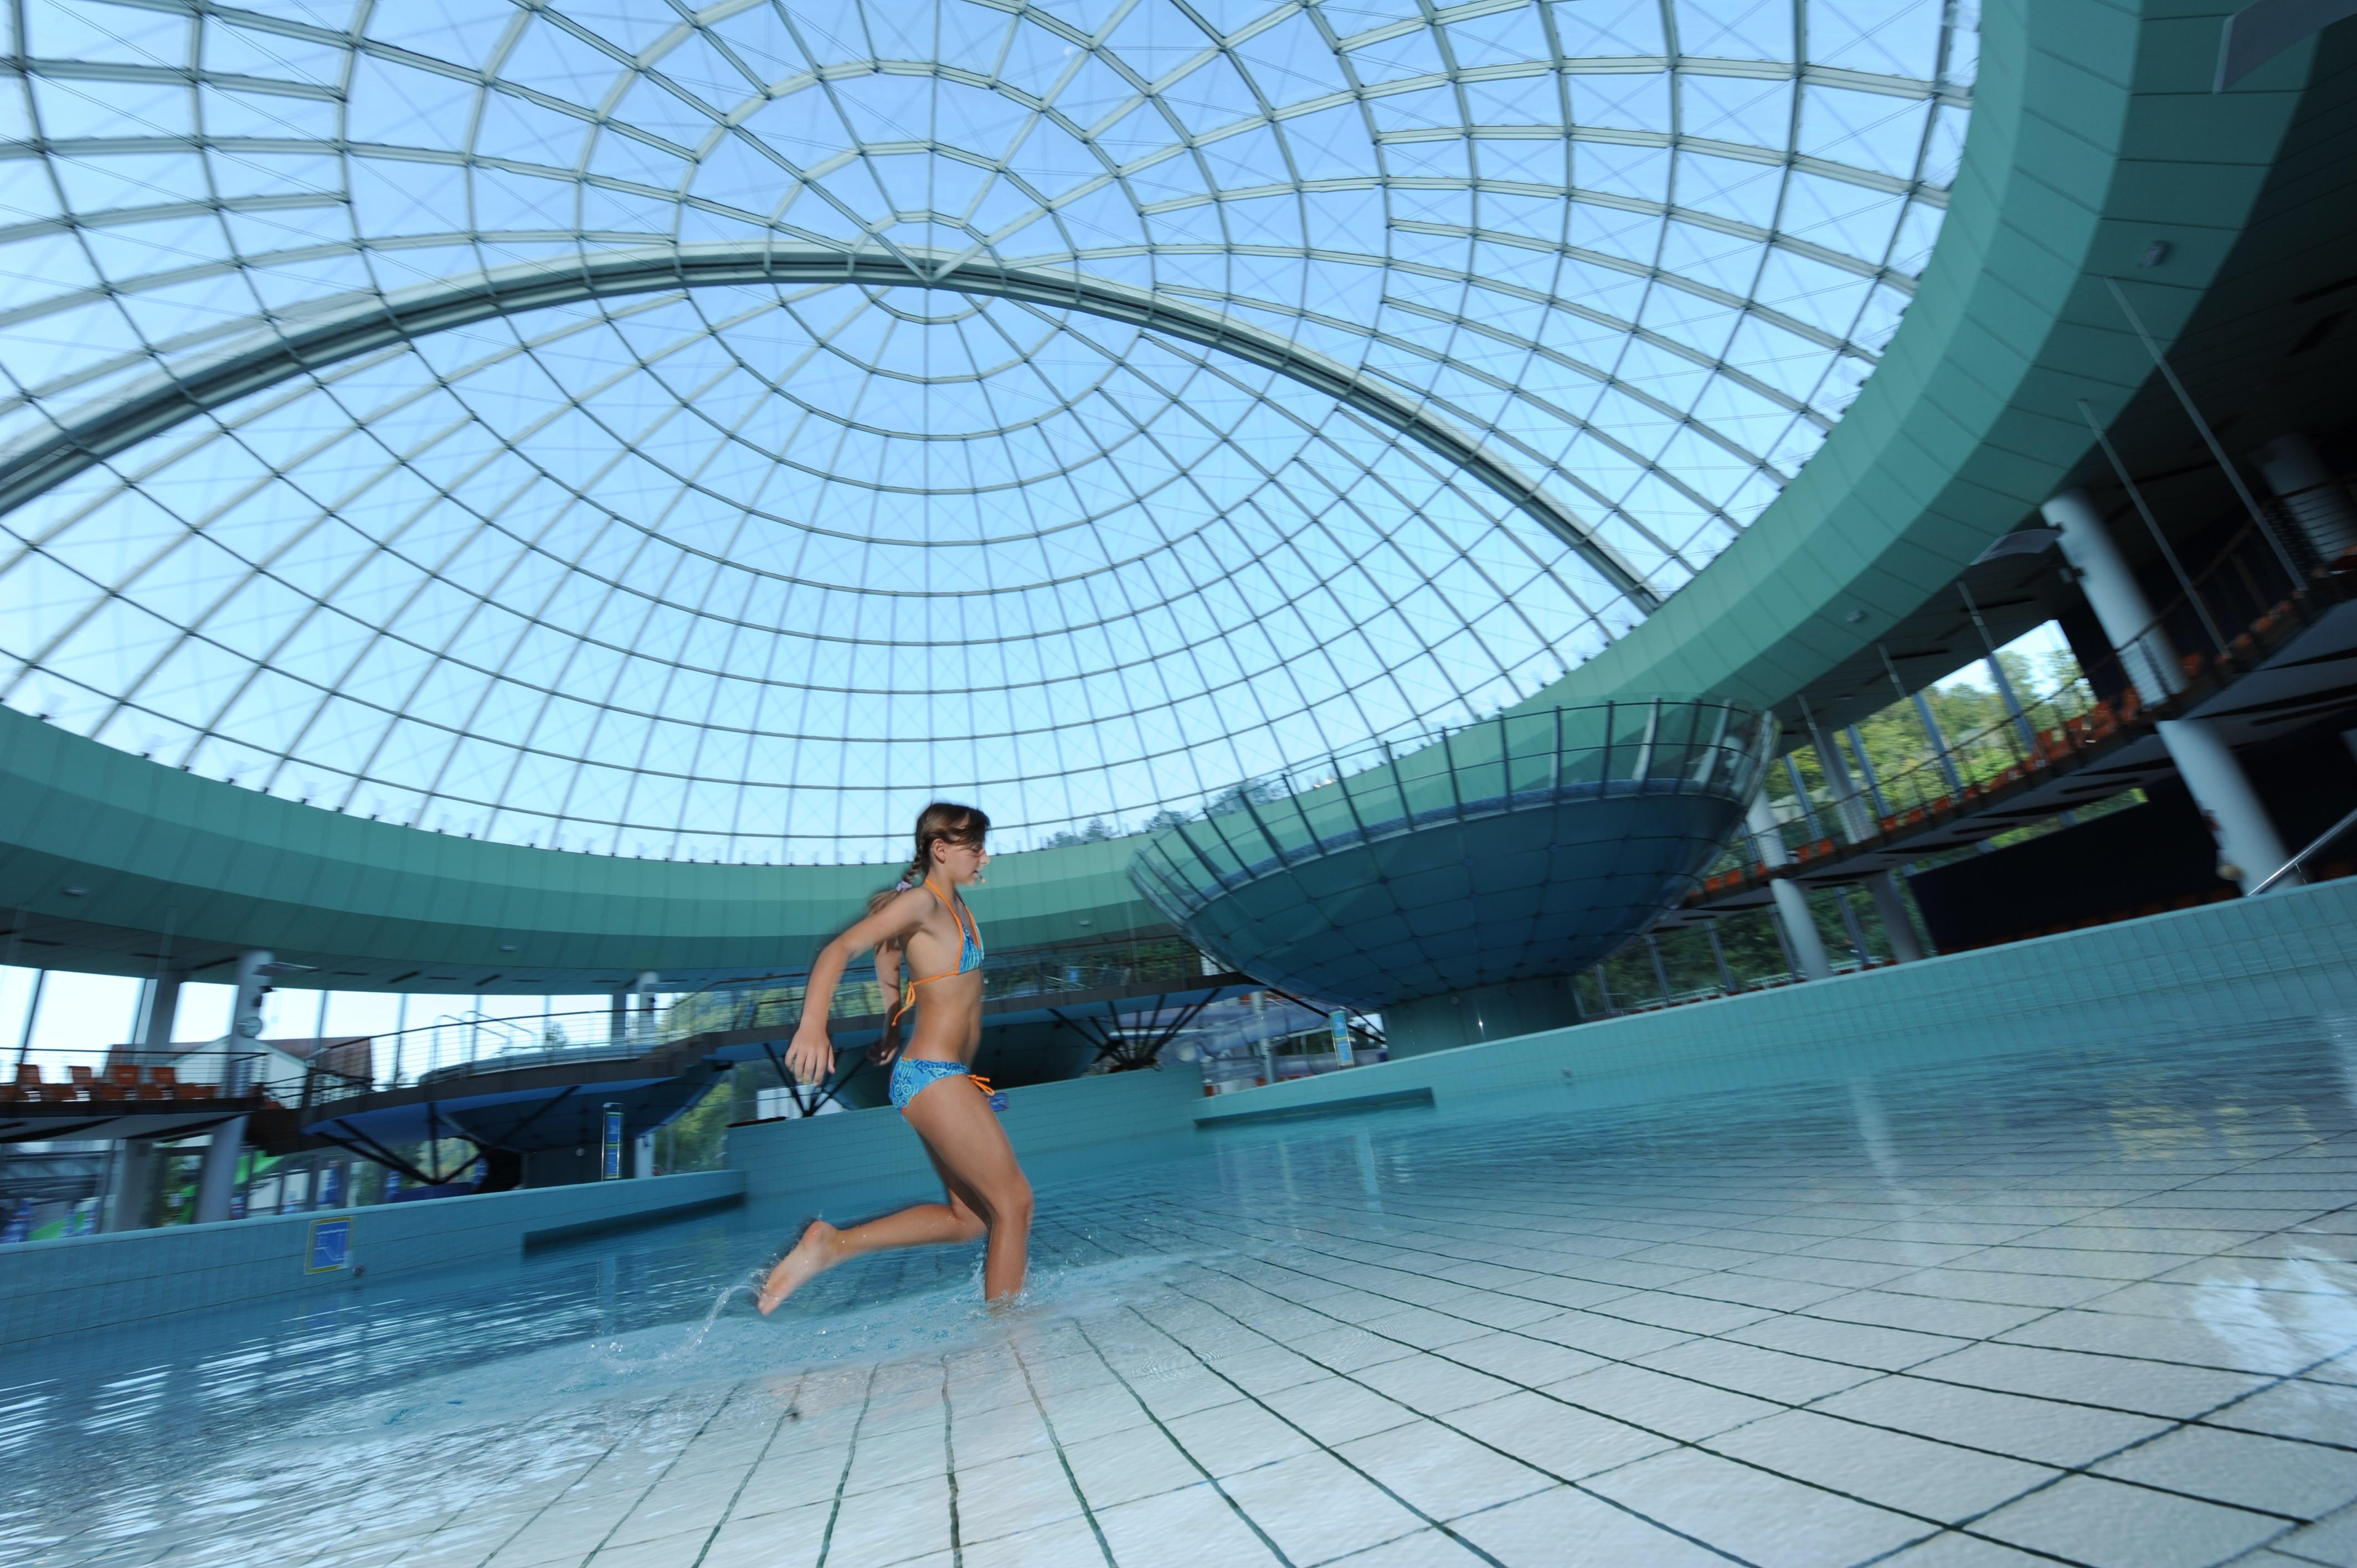 Aquapark - indoor